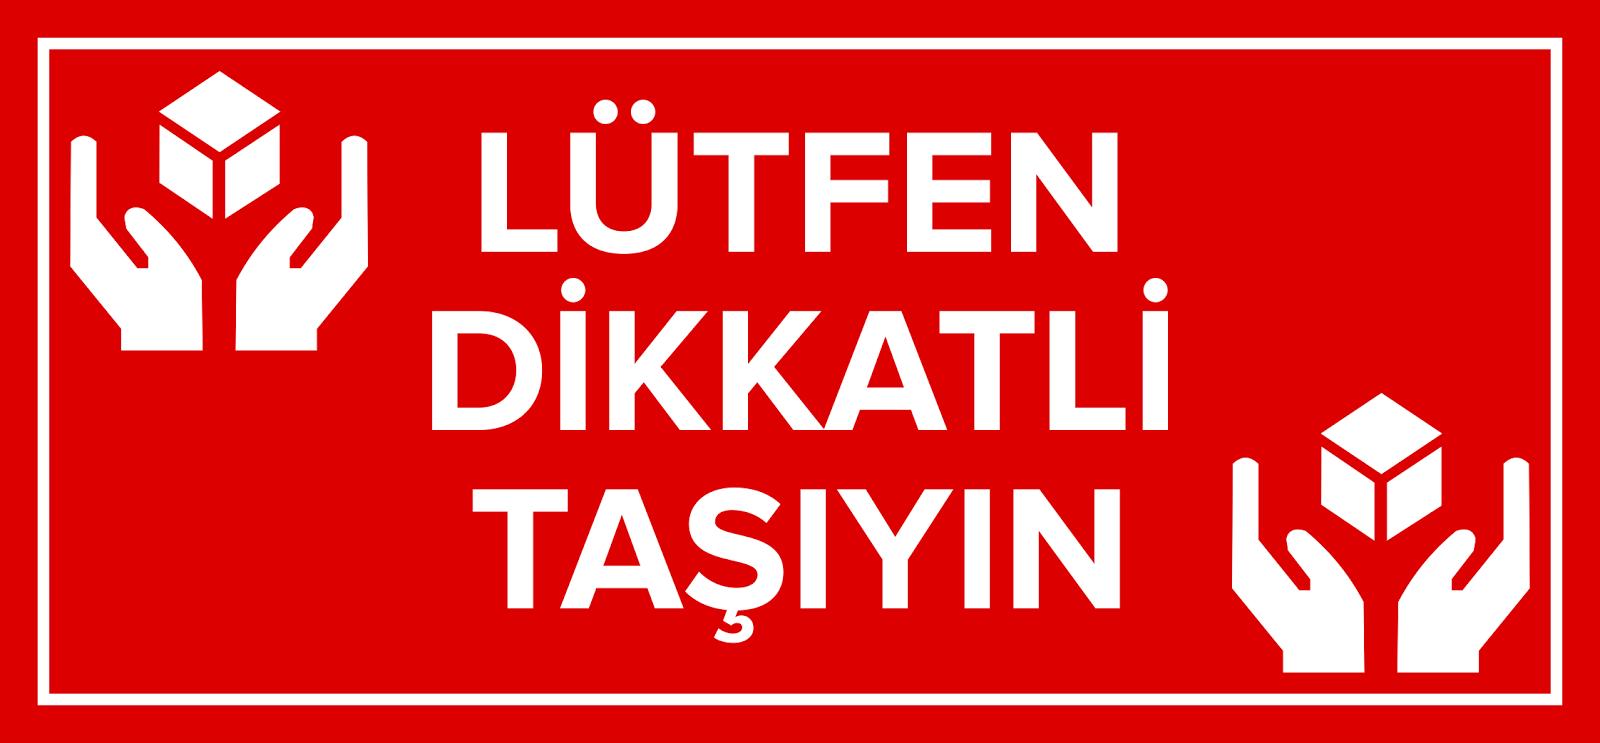 Dikkatli Taşıyın Etiketi